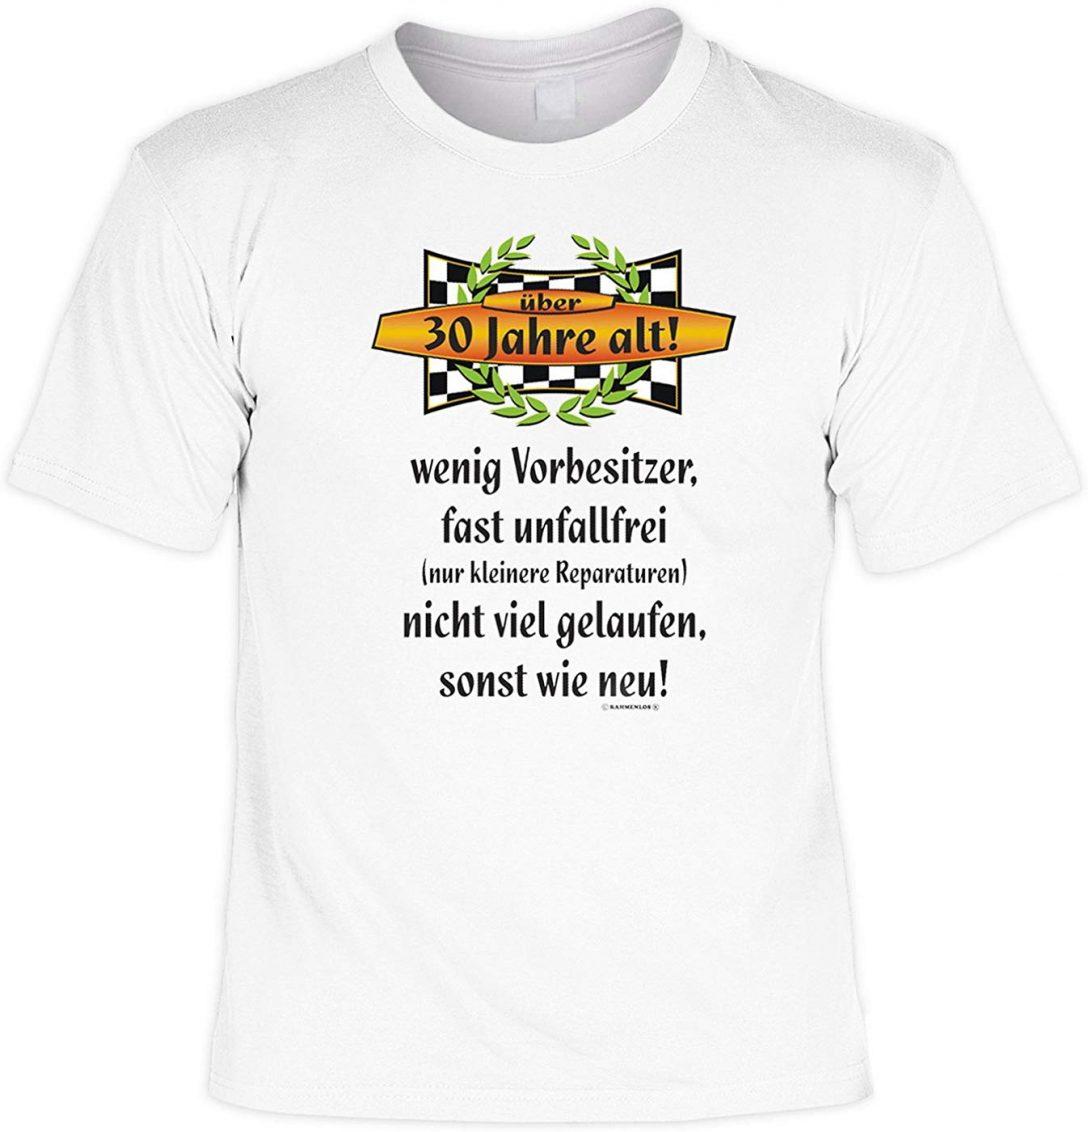 Large Size of Coole T Shirt Sprüche T Shirts Mit Sprchen Baby Shirt Sprche Tshirt Fr Kinder Lustige Jutebeutel Junggesellinnenabschied Wandtattoos Junggesellenabschied Küche Coole T Shirt Sprüche